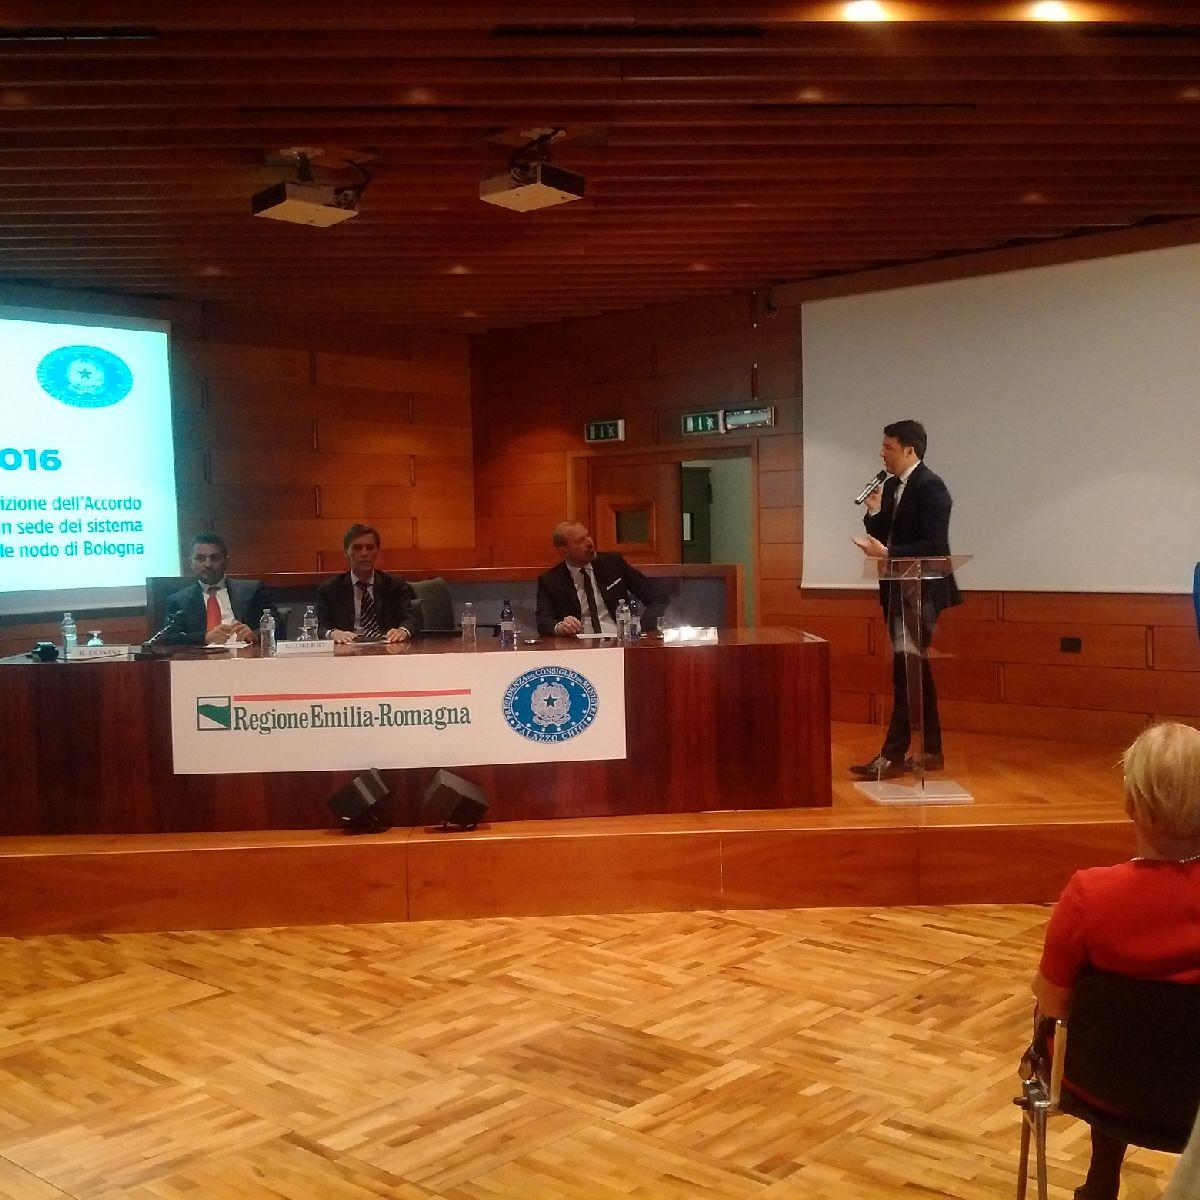 .@matteorenzi: Volontà Governo di essere a fianco di @RegioneER, @cittametrobo e comuni #nodoBologna #DirettaER https://t.co/sbDpgi6zYO